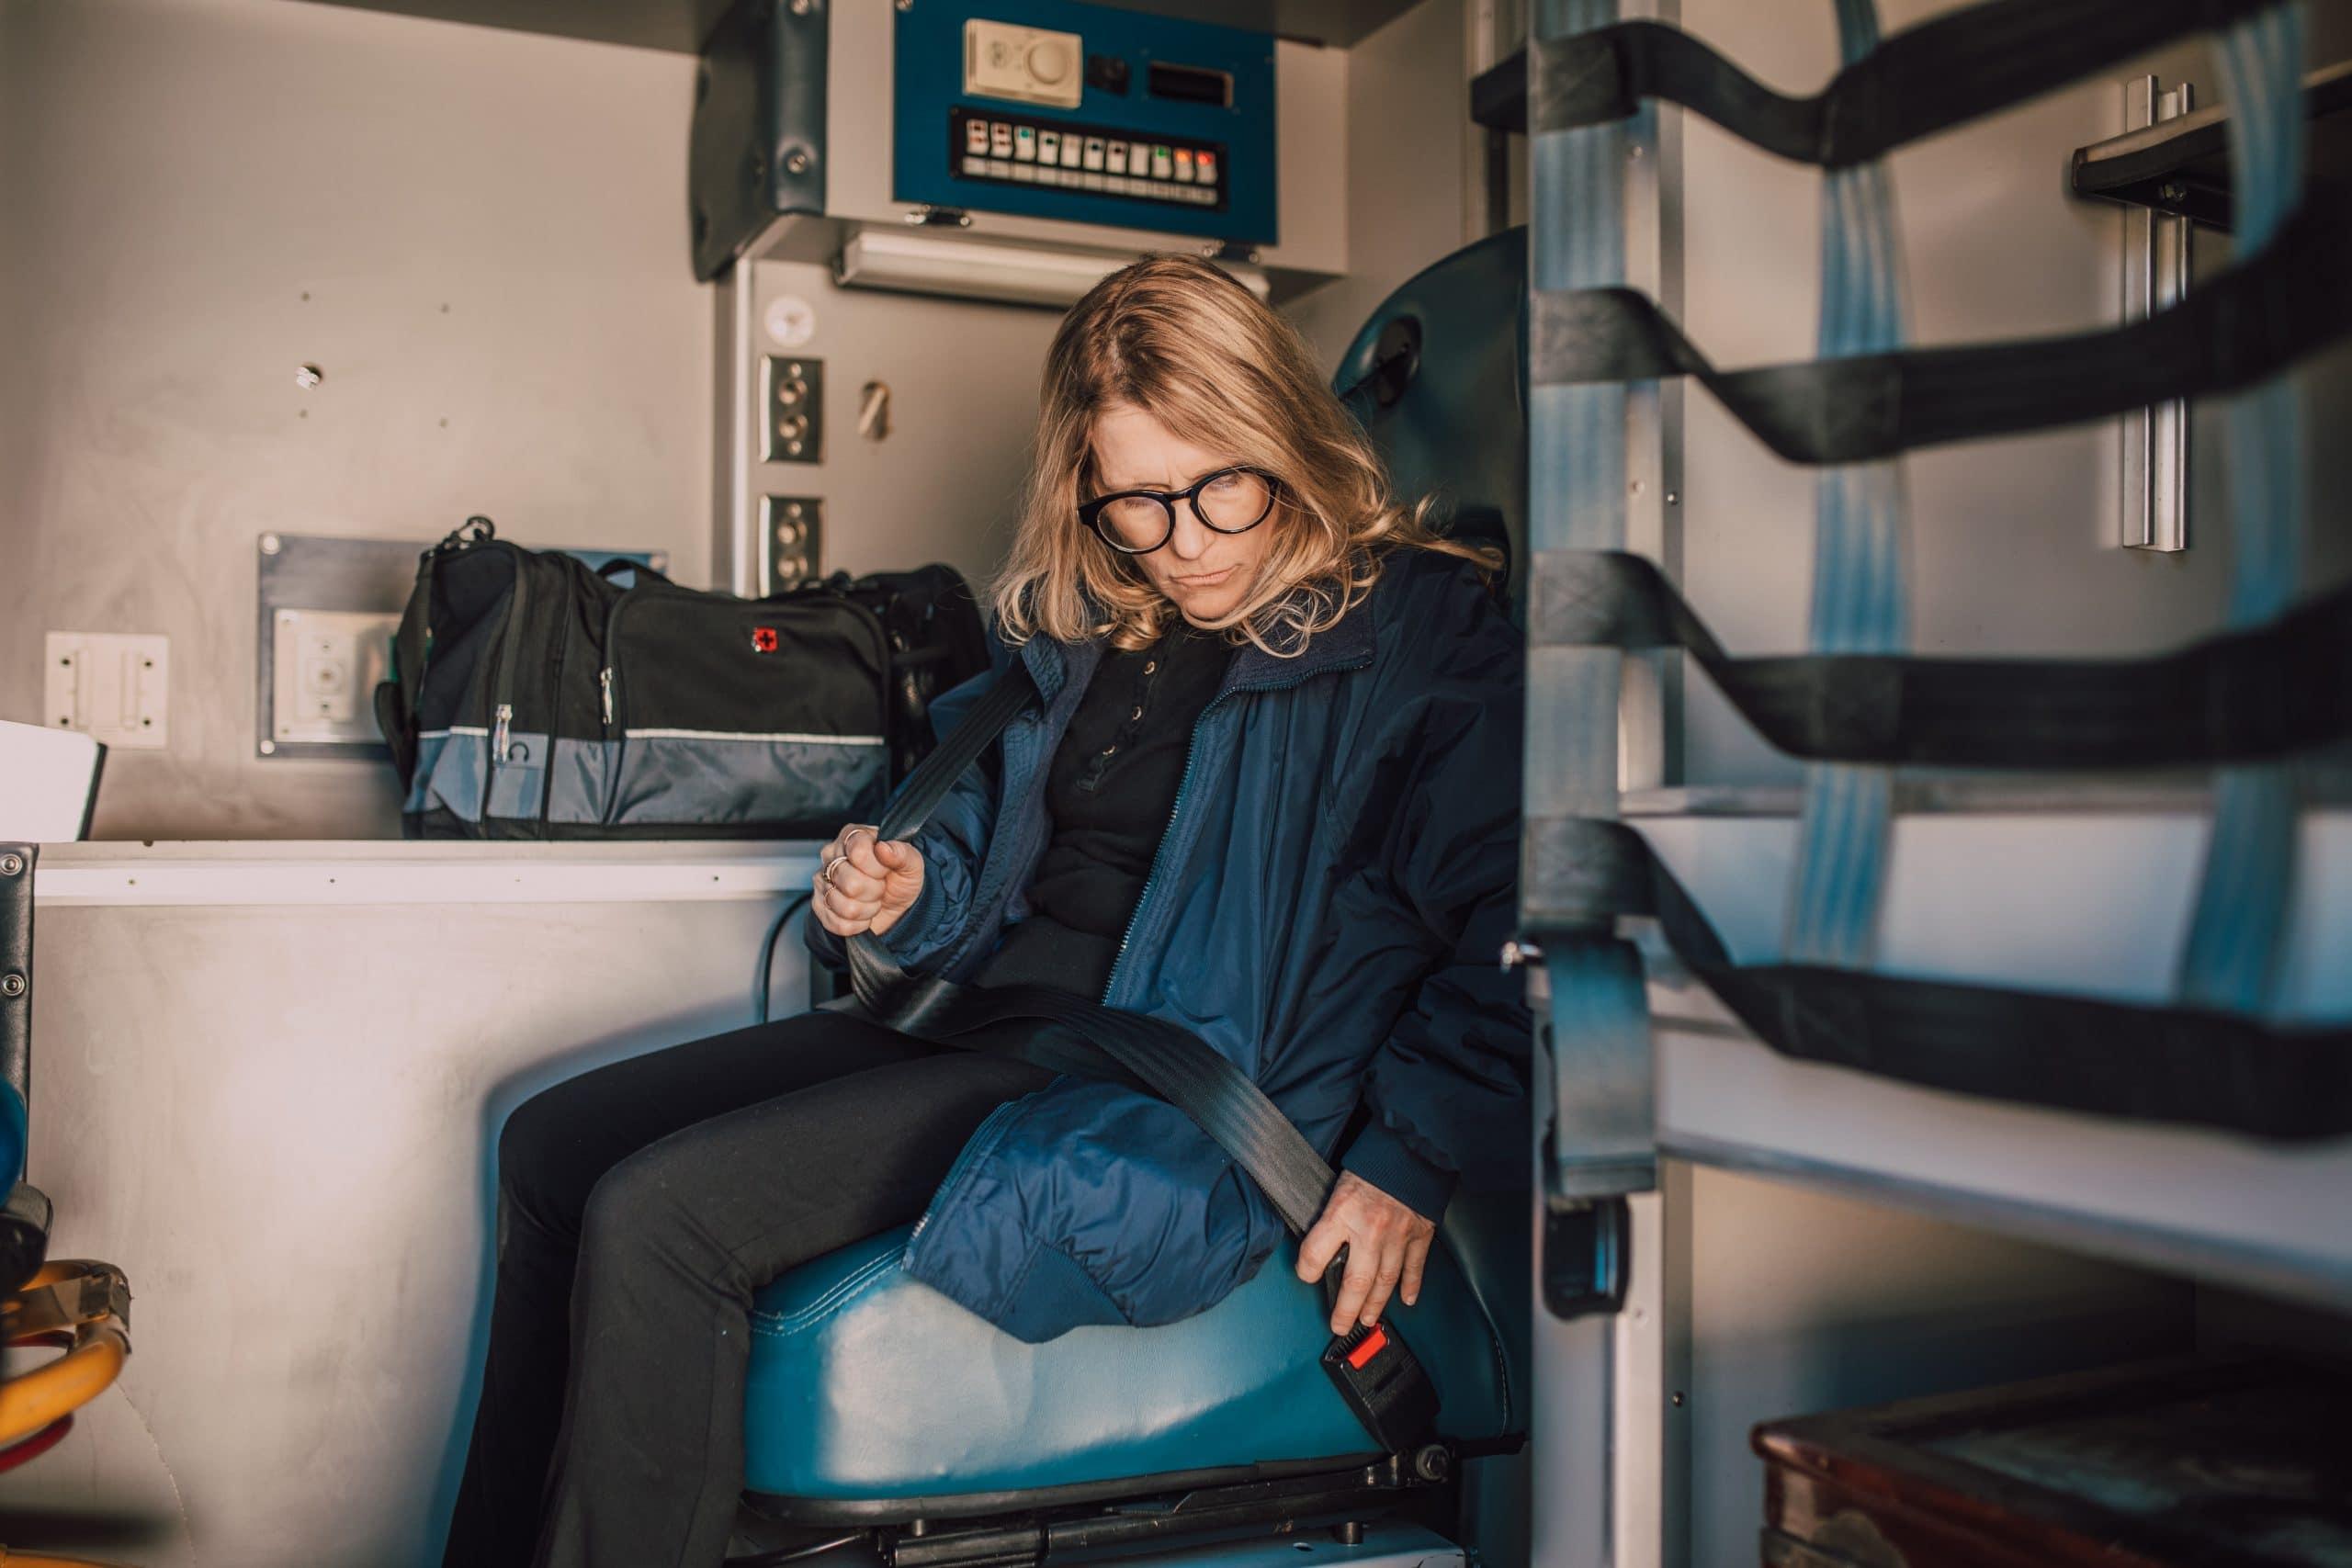 woman wearing seatbelt